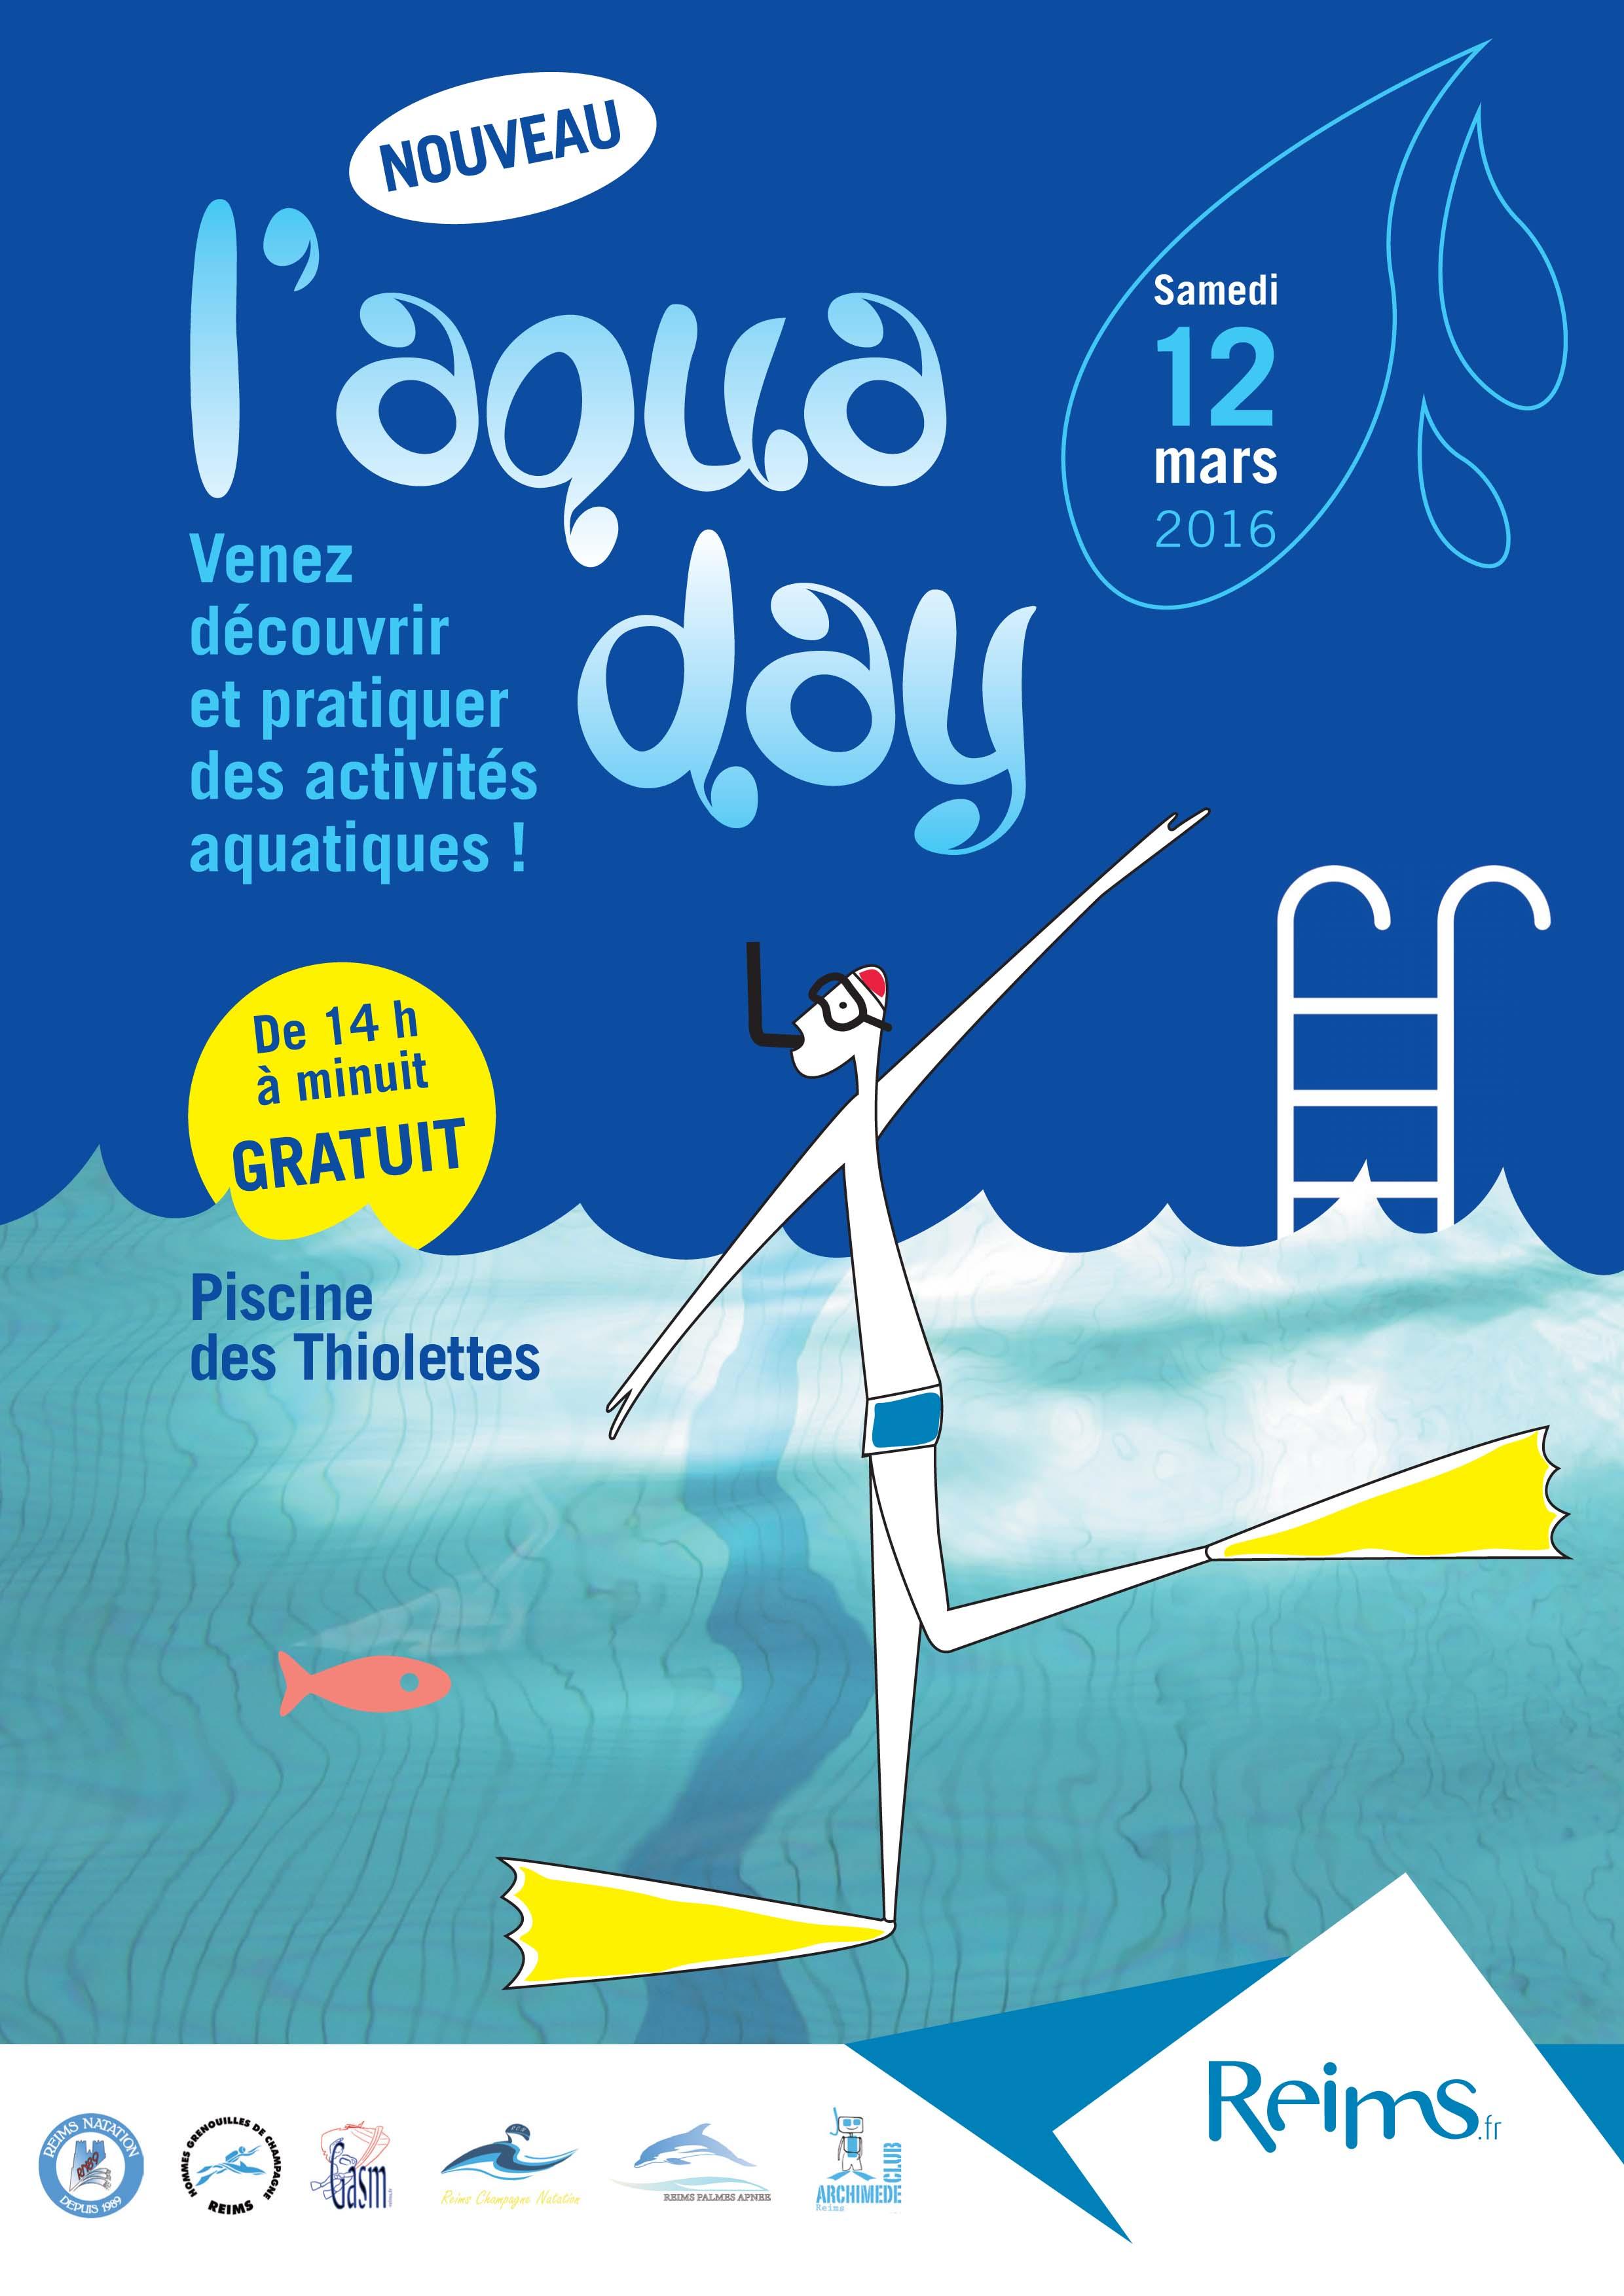 Aqua day hgc reims for Piscine thiolettes